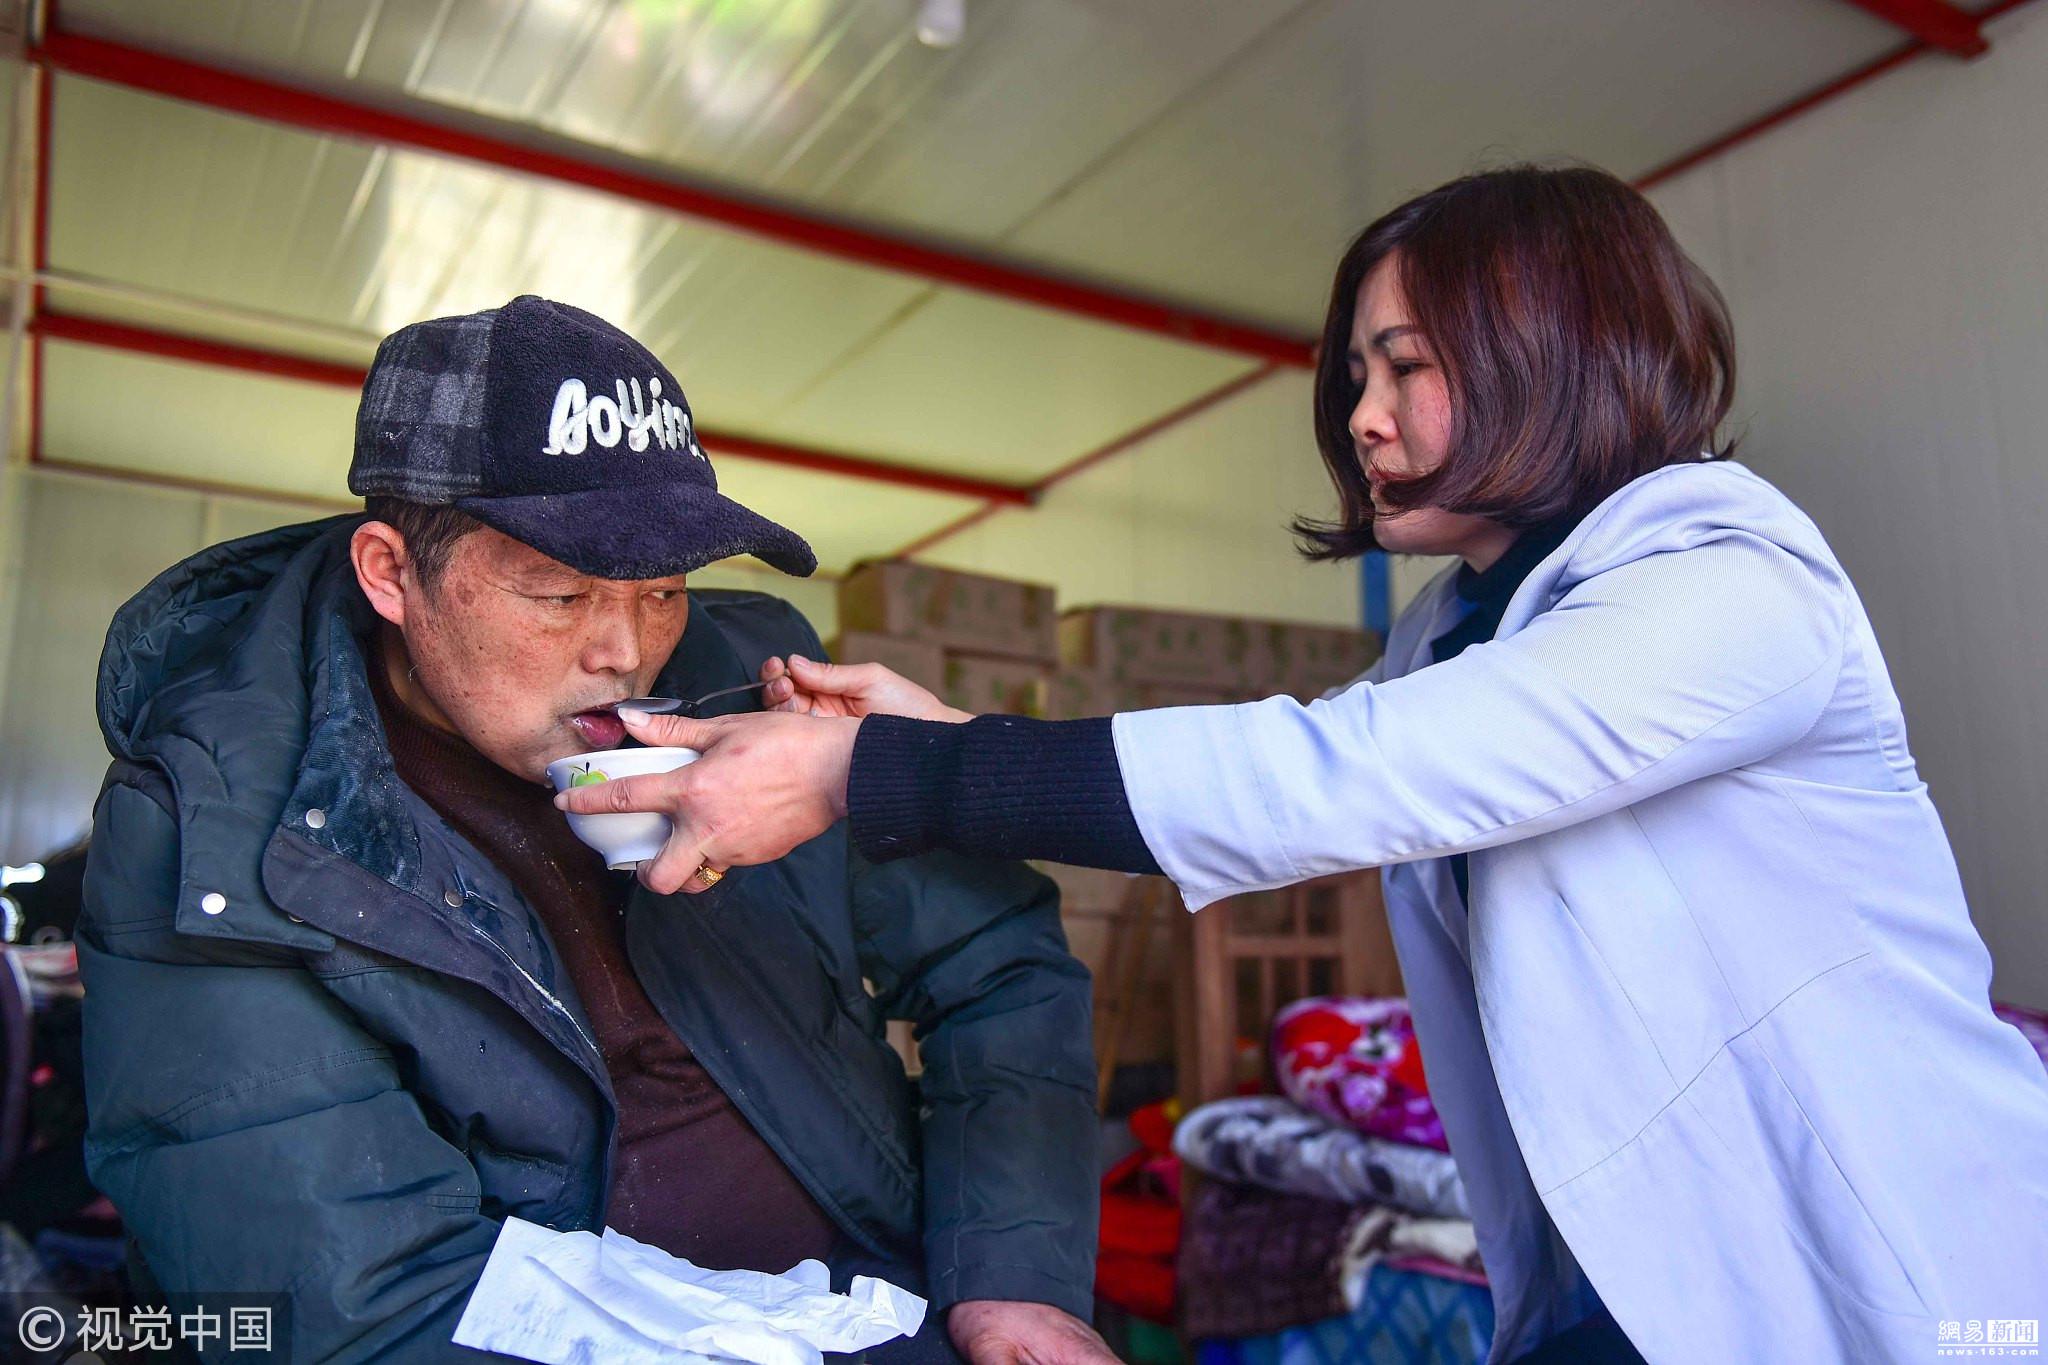 丈夫瘫痪13年 她边照顾边卖毛竹年产值千万 ! - 周公乐 - xinhua8848 的博客